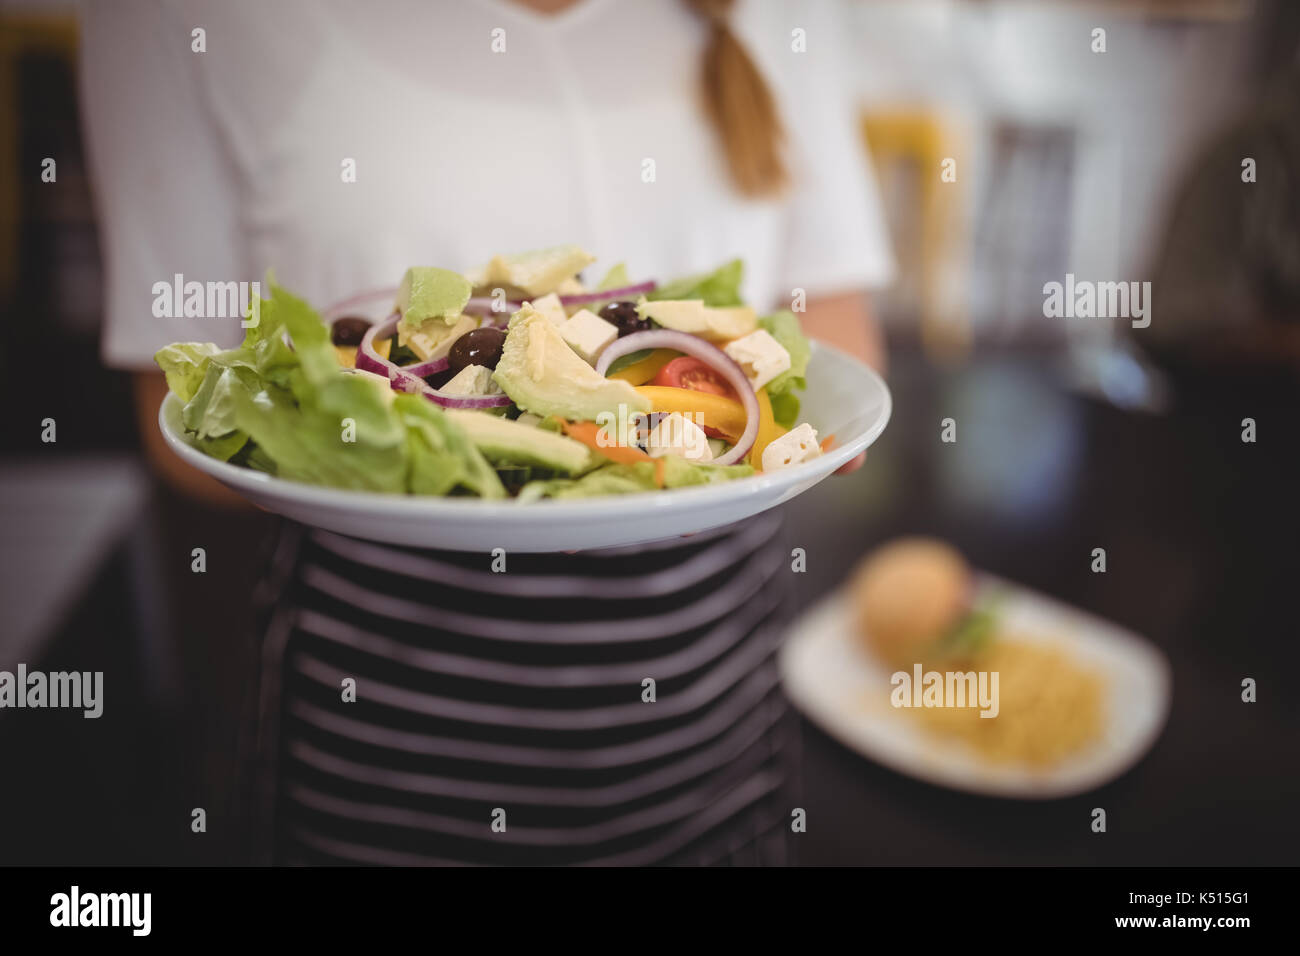 Sección media de la camarera mantiene fresca ensalada griega en la placa en el cafe Imagen De Stock